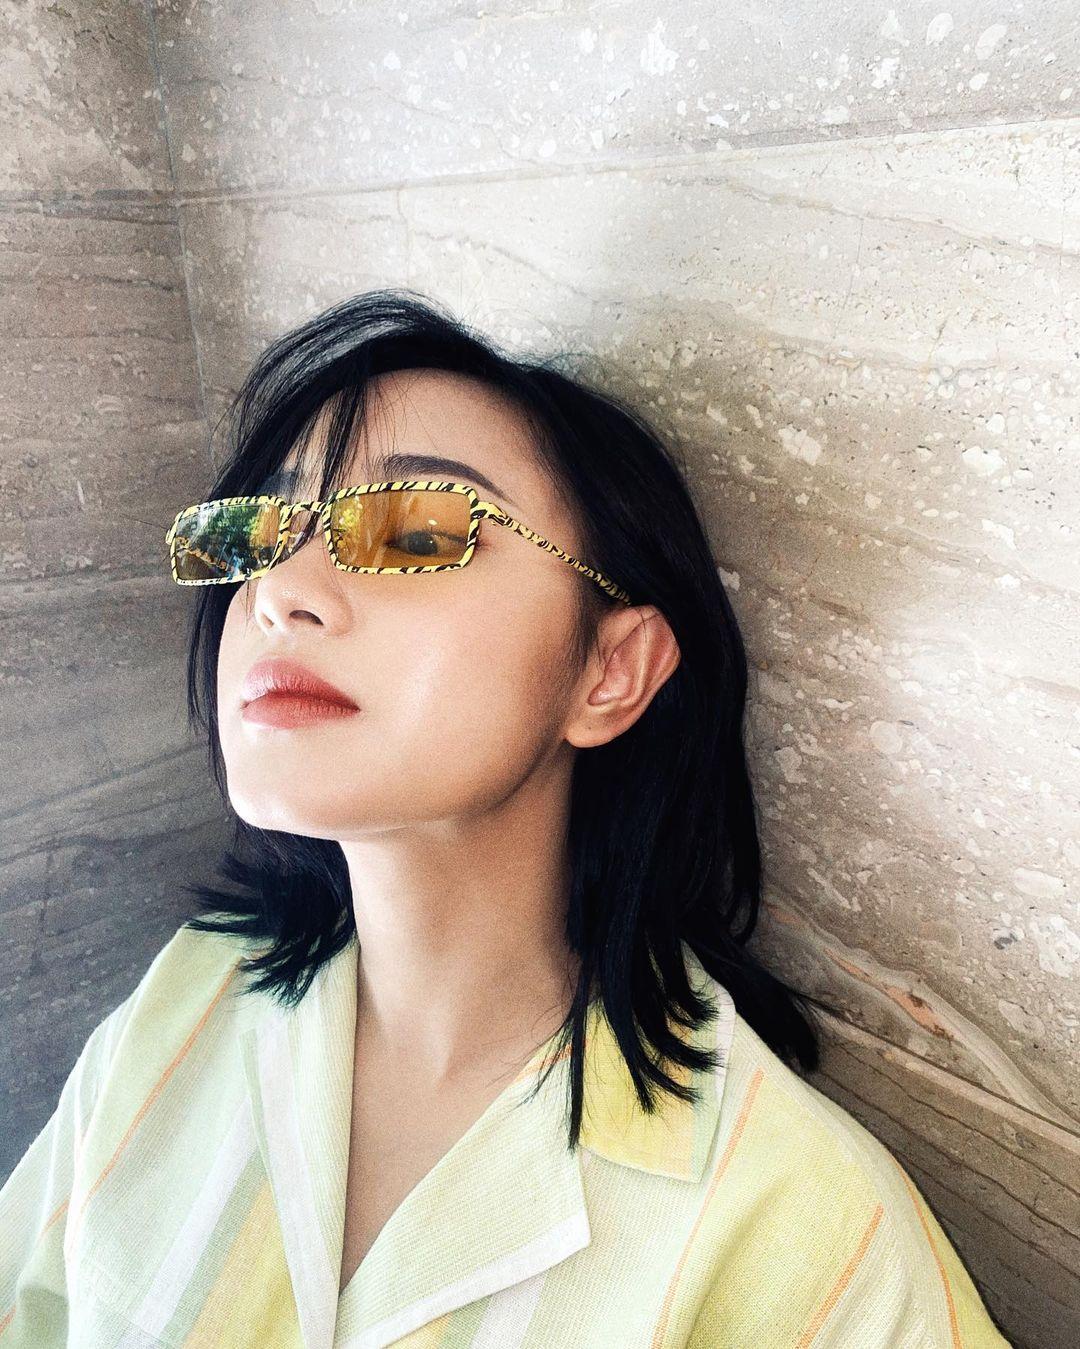 5 mỹ nhân Việt để tóc ngắn xuất sắc nhất: Ngắm là muốn cắt phăng mái tóc dài, nàng 30+ tìm được nhiều kiểu siêu hợp - Ảnh 3